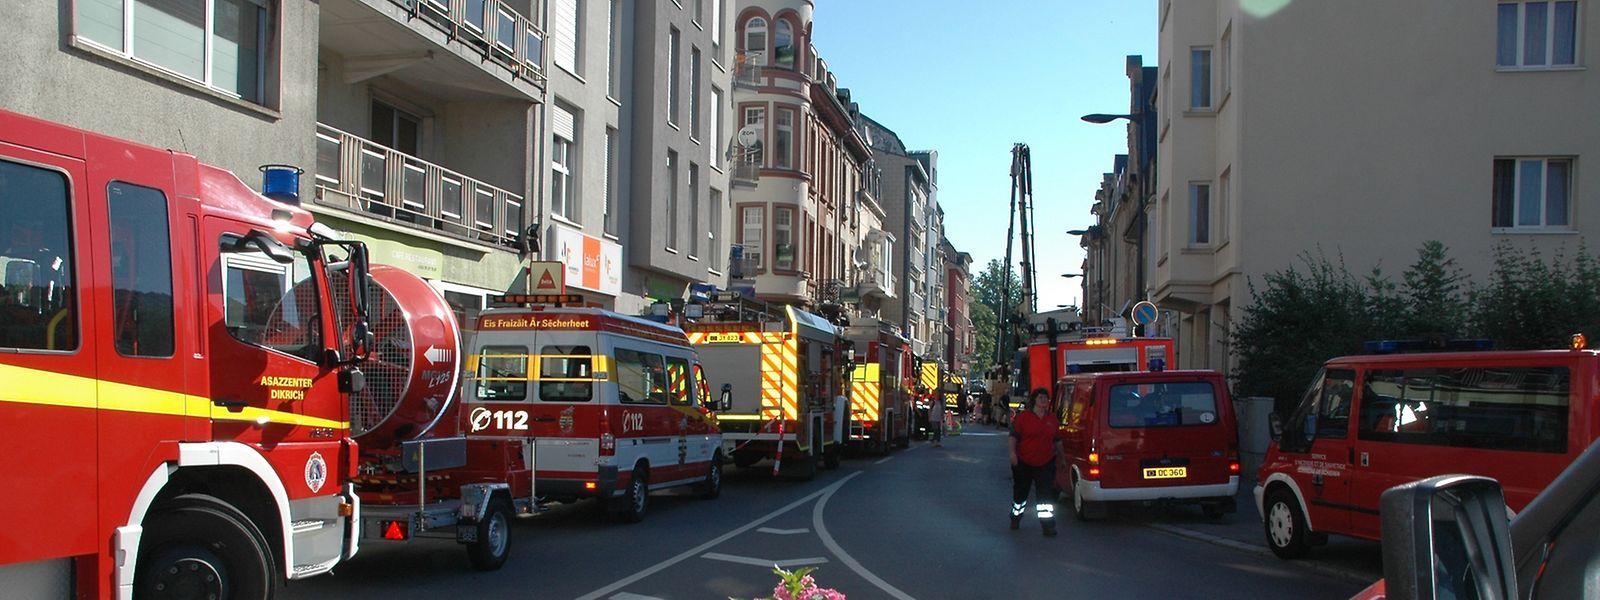 Um im Falle eines erneuten Brandes schnell reagieren zu können, kontrolliert die Feuerwehr das Mehrfamilienhaus stündlich mit einer Wärmekamera.